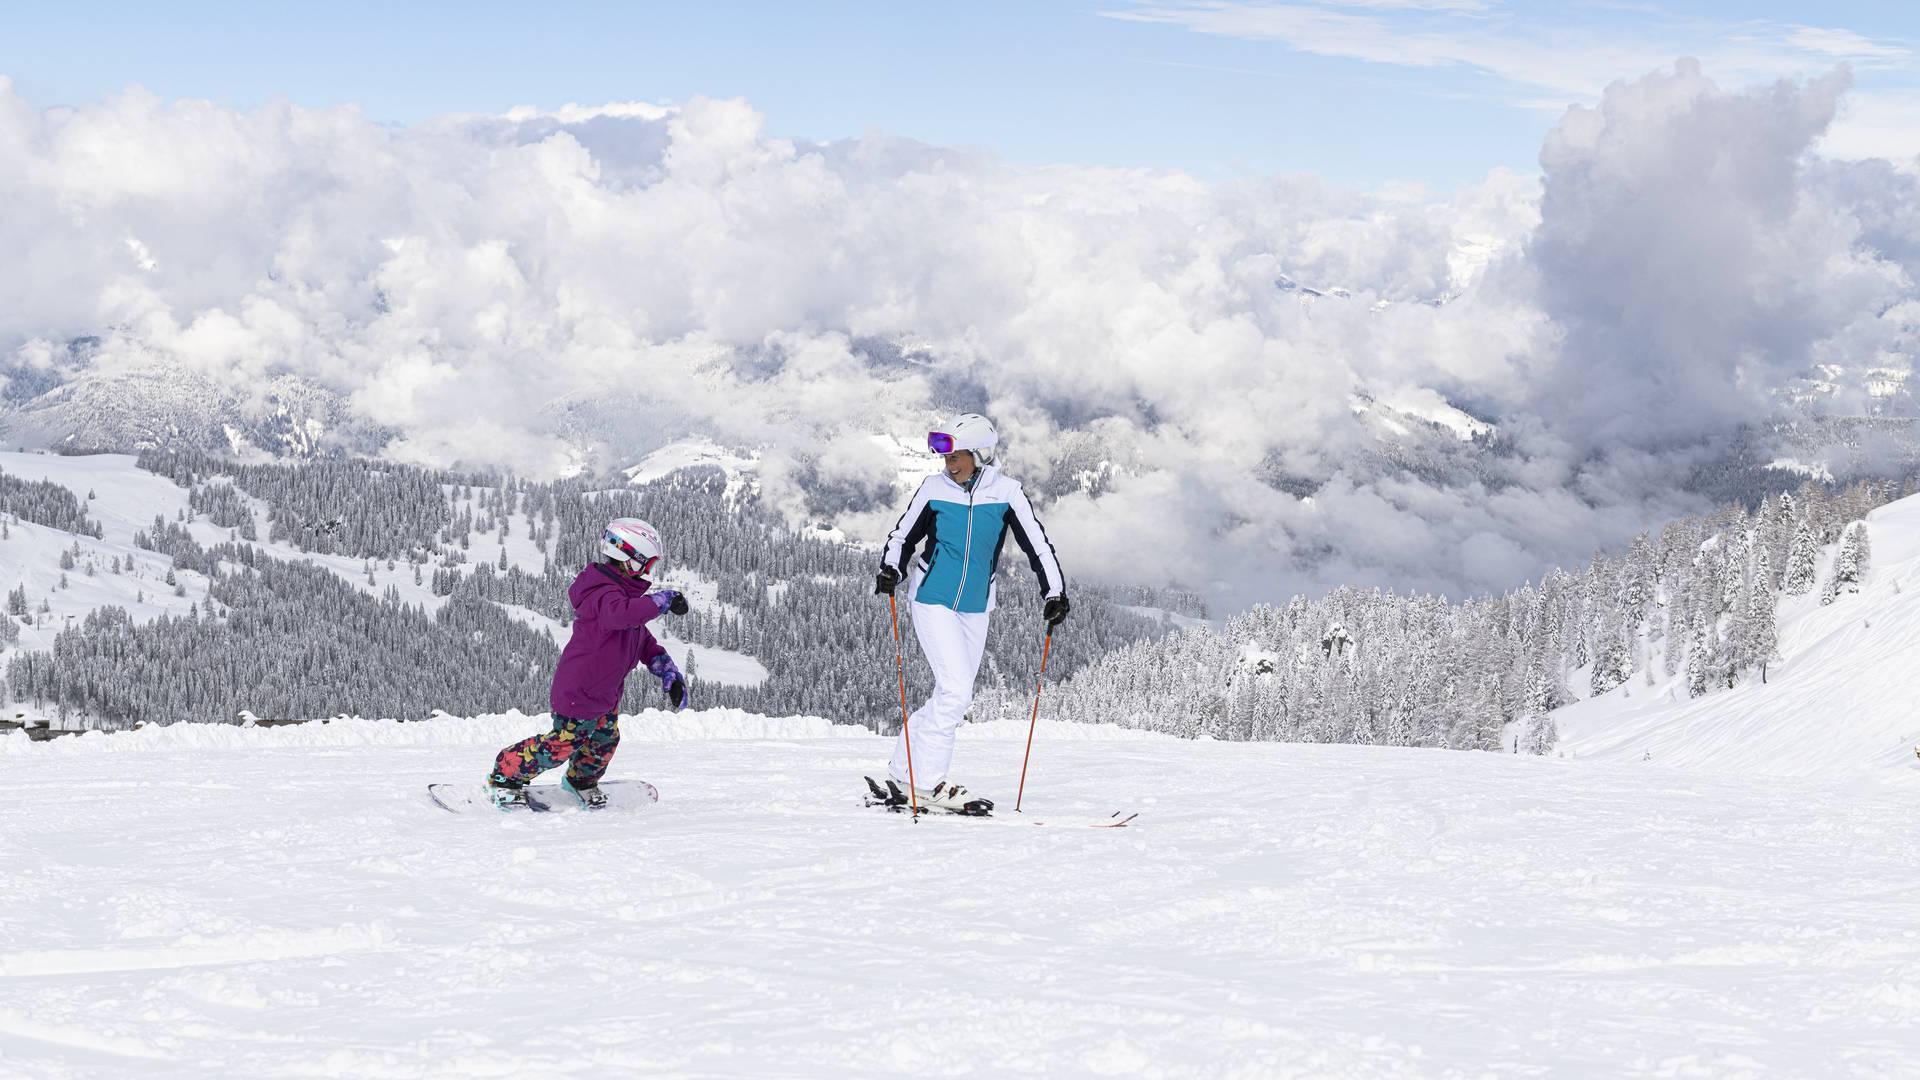 """<p>Ein Kind auf einem Snowboard fährt auf eine Frau auf Skiern zu. Die Skipiste ist perfekt präpariert und die Landschaft rundherum tief verschneit. Der Himmel ist blau nur über dem Tal sind ein paar Wolken zu sehen. Dieses Bild entstand im Skigebiet Nassfeld in Kärnten, dem Skigebiet an der Grenze zu Italien, welches auch zu den """"TOP 10 Skigebieten"""" Österreichs gehört.</p>"""